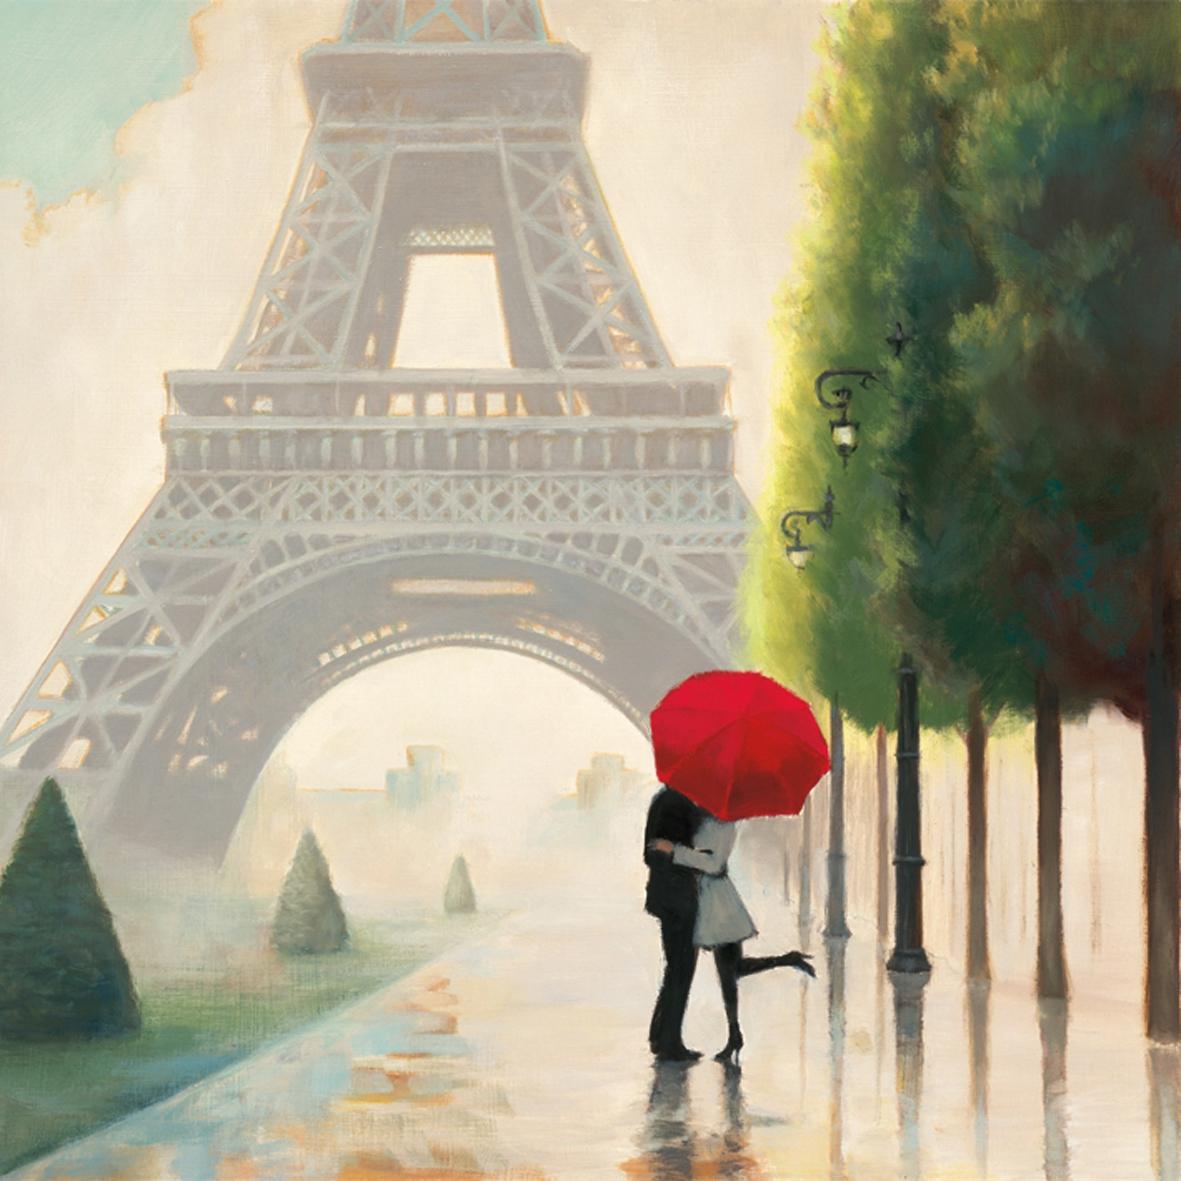 Lunch Servietten Paris Romance                   ,  Menschen - Personen,  Regionen - Länder - Frankreich,  Everyday,  lunchservietten,  Frankreich,  Personen,  Eifelturm